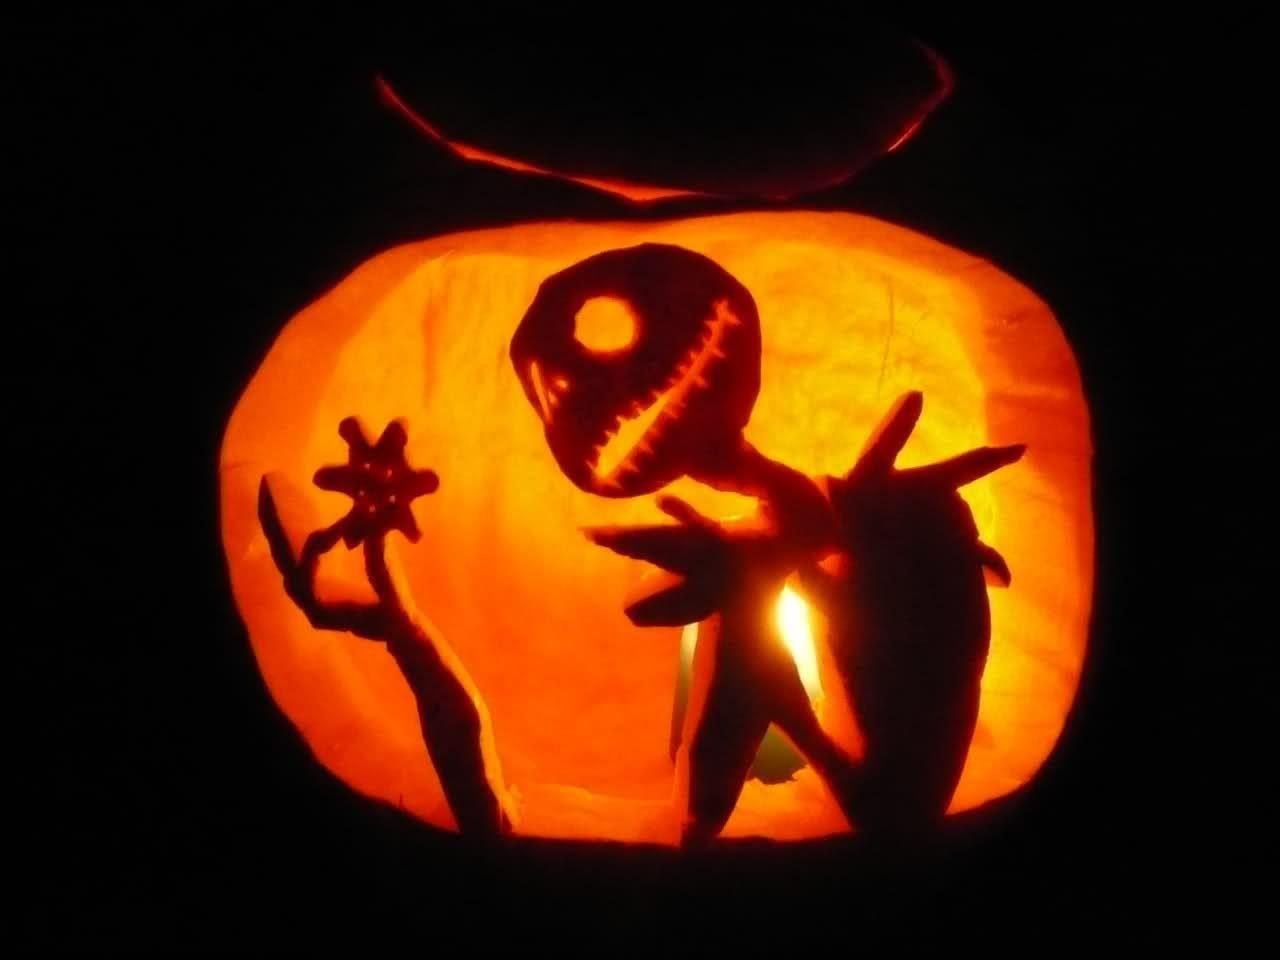 Nightmare Before Christmas Jack And Sally Pumpkin Stencil - Jack Skellington And Sally Pumpkin Stencils Free Printable